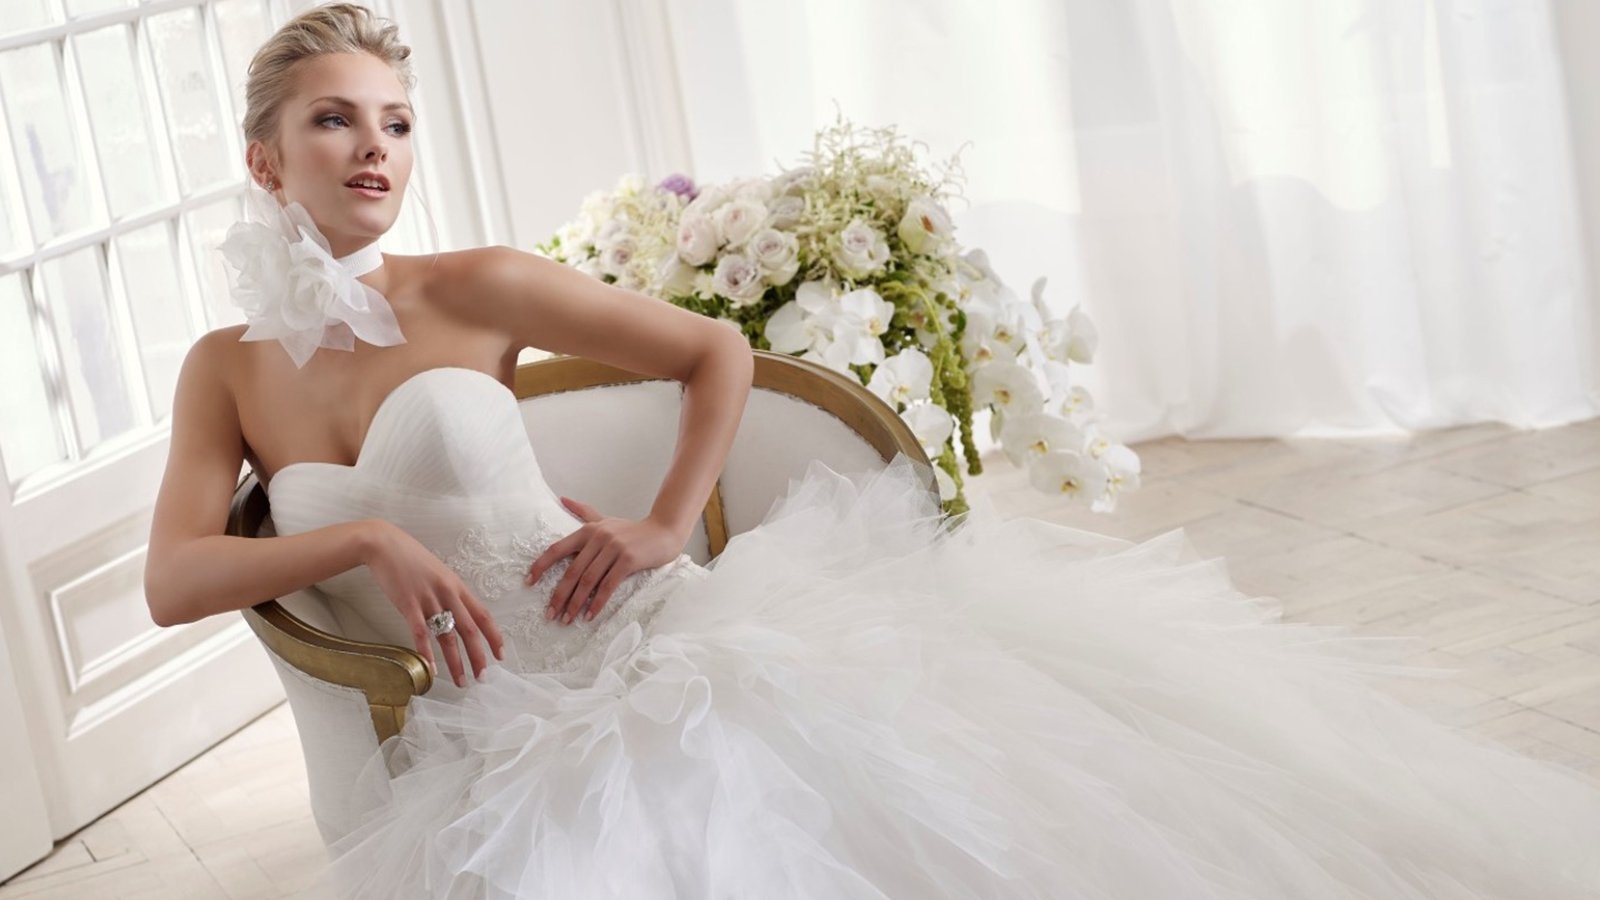 una donna con un abito da sposa e accanto dei fiori